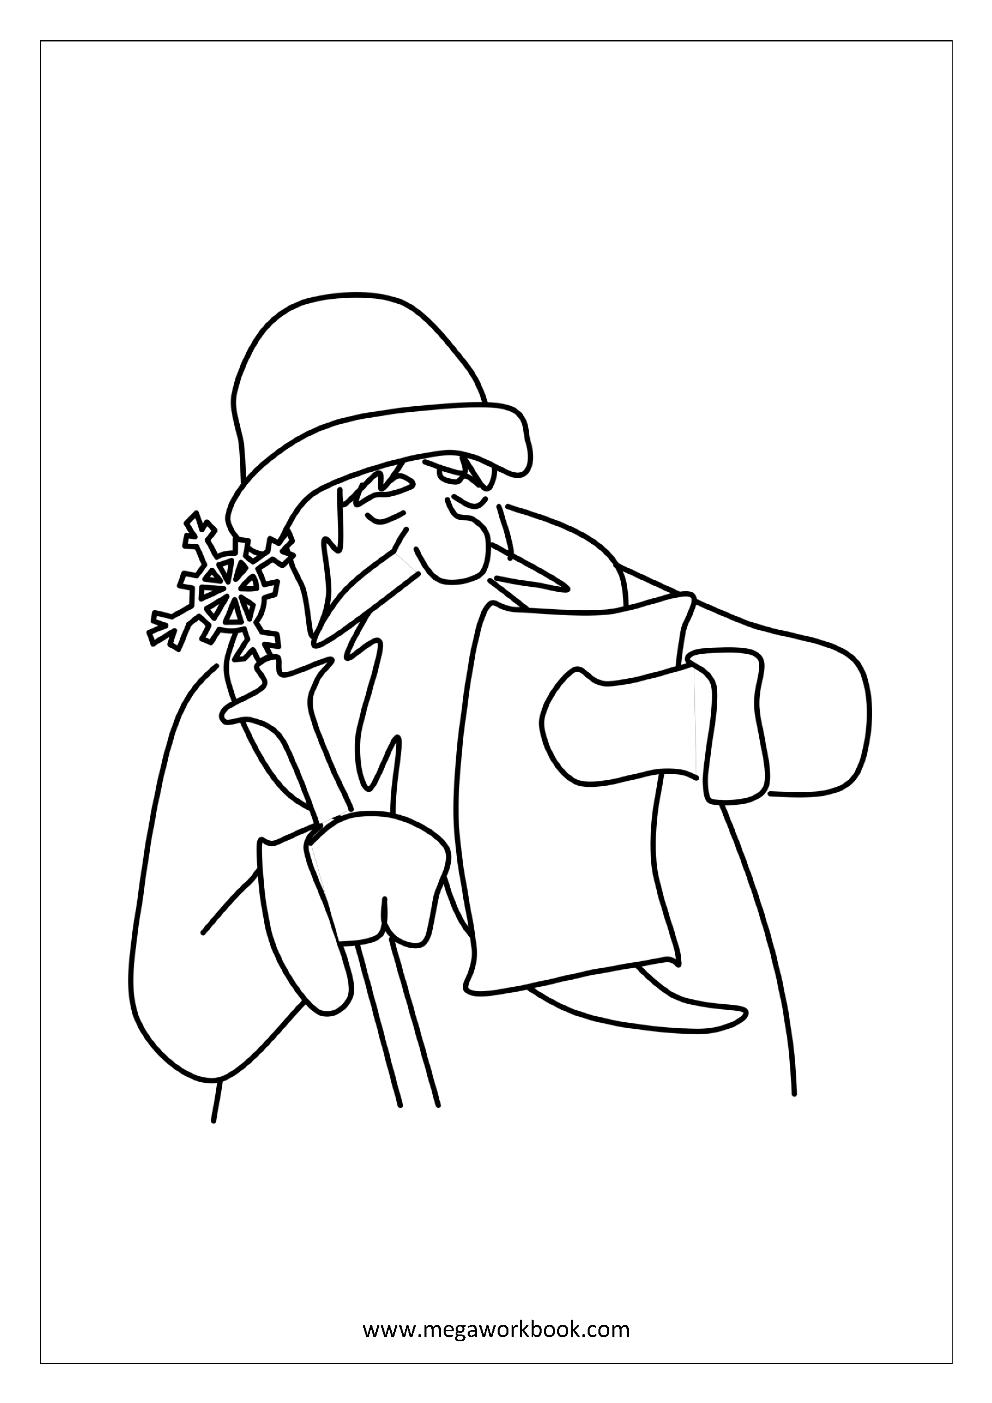 free printable coloring sheet - christmas coloring pages- santa